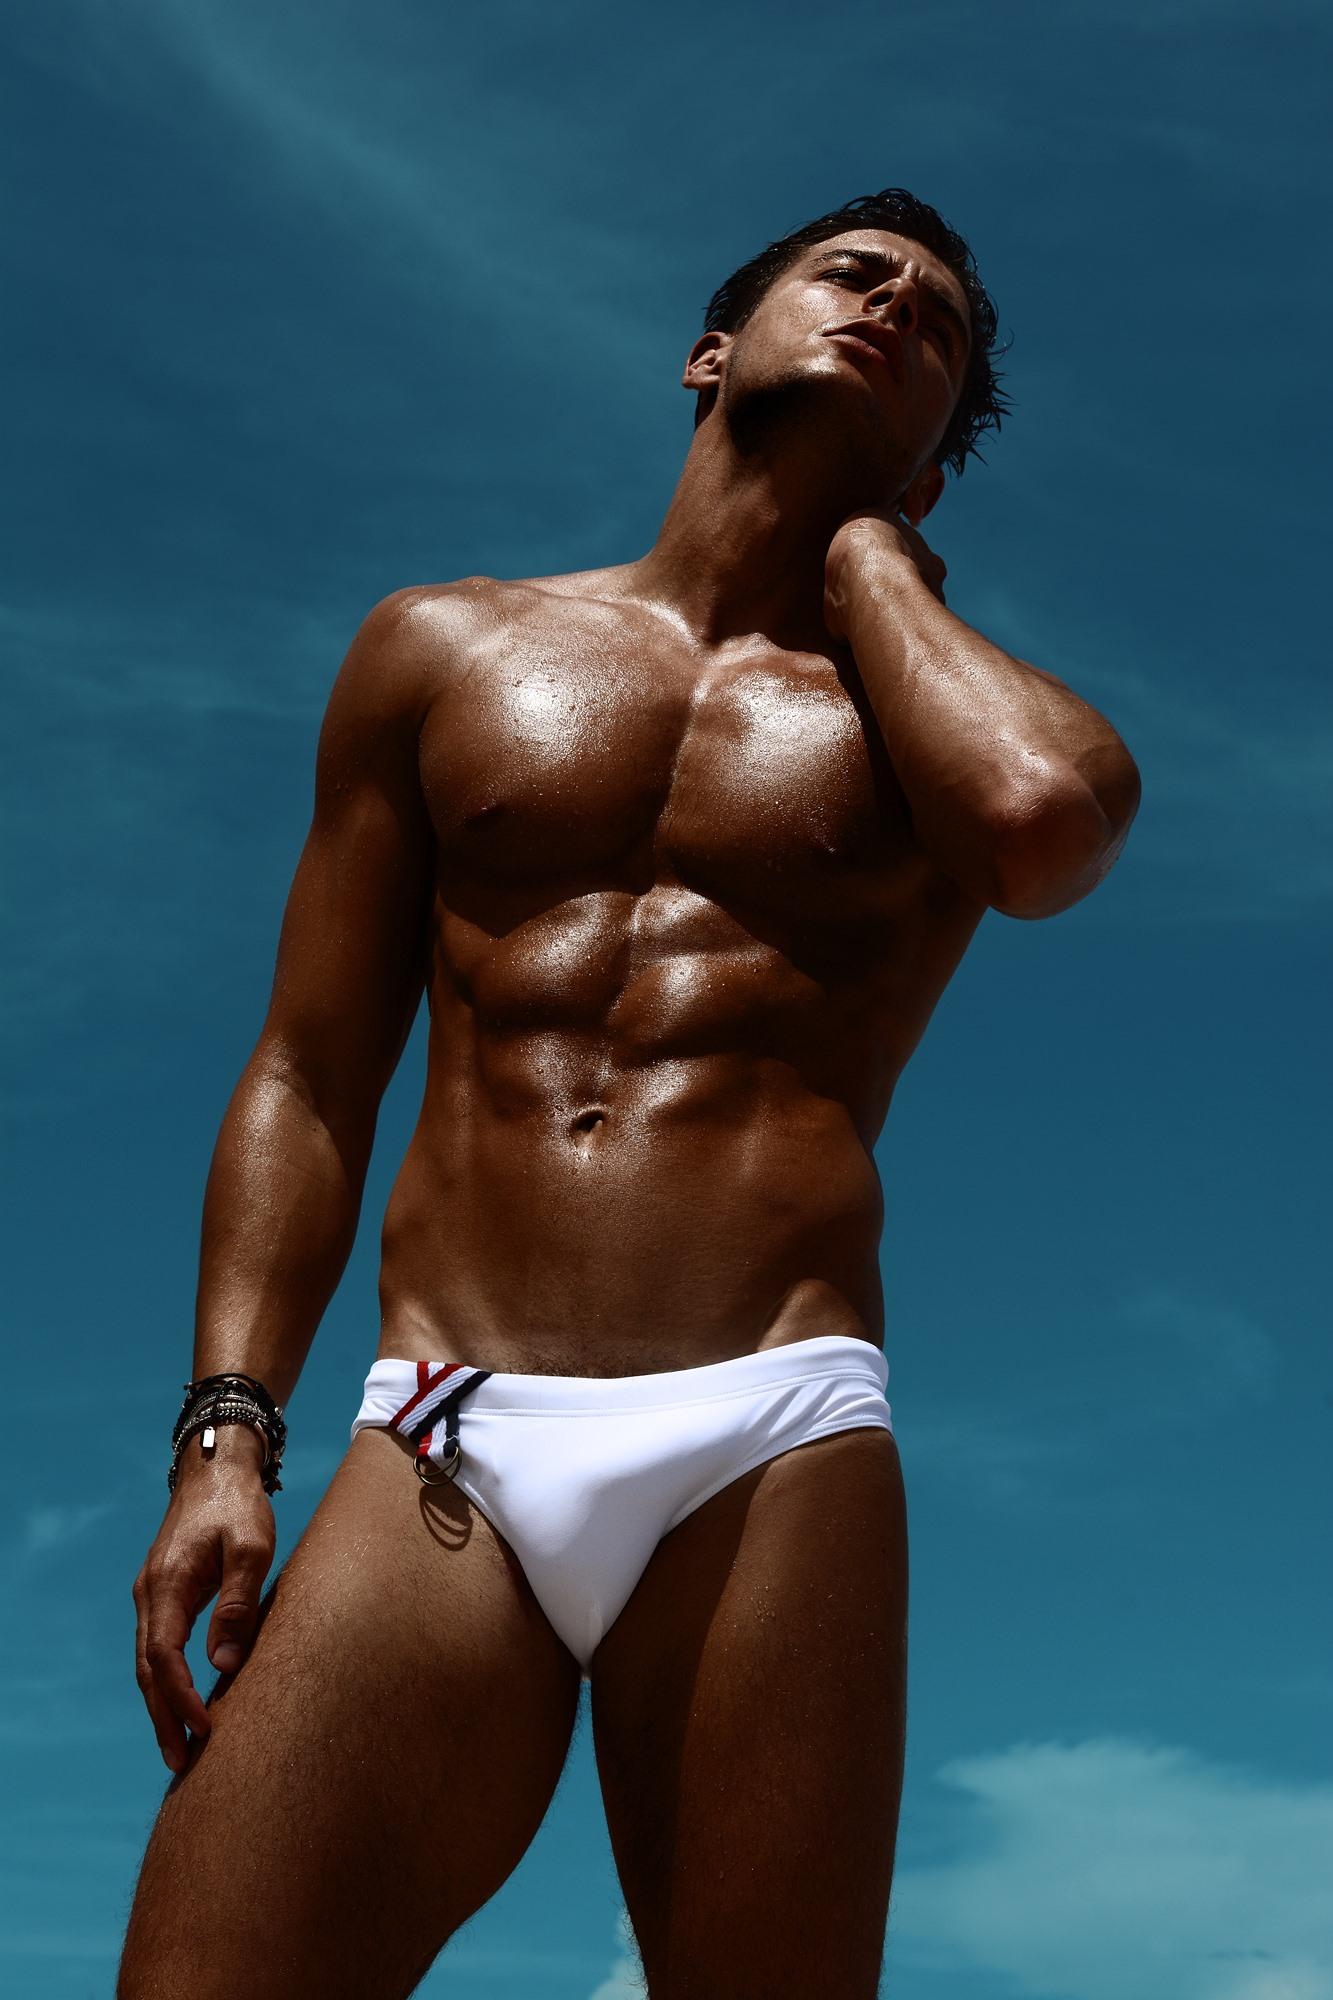 Maillot de bain homme : Marcuse présente ses nouvelles photos. So hot !